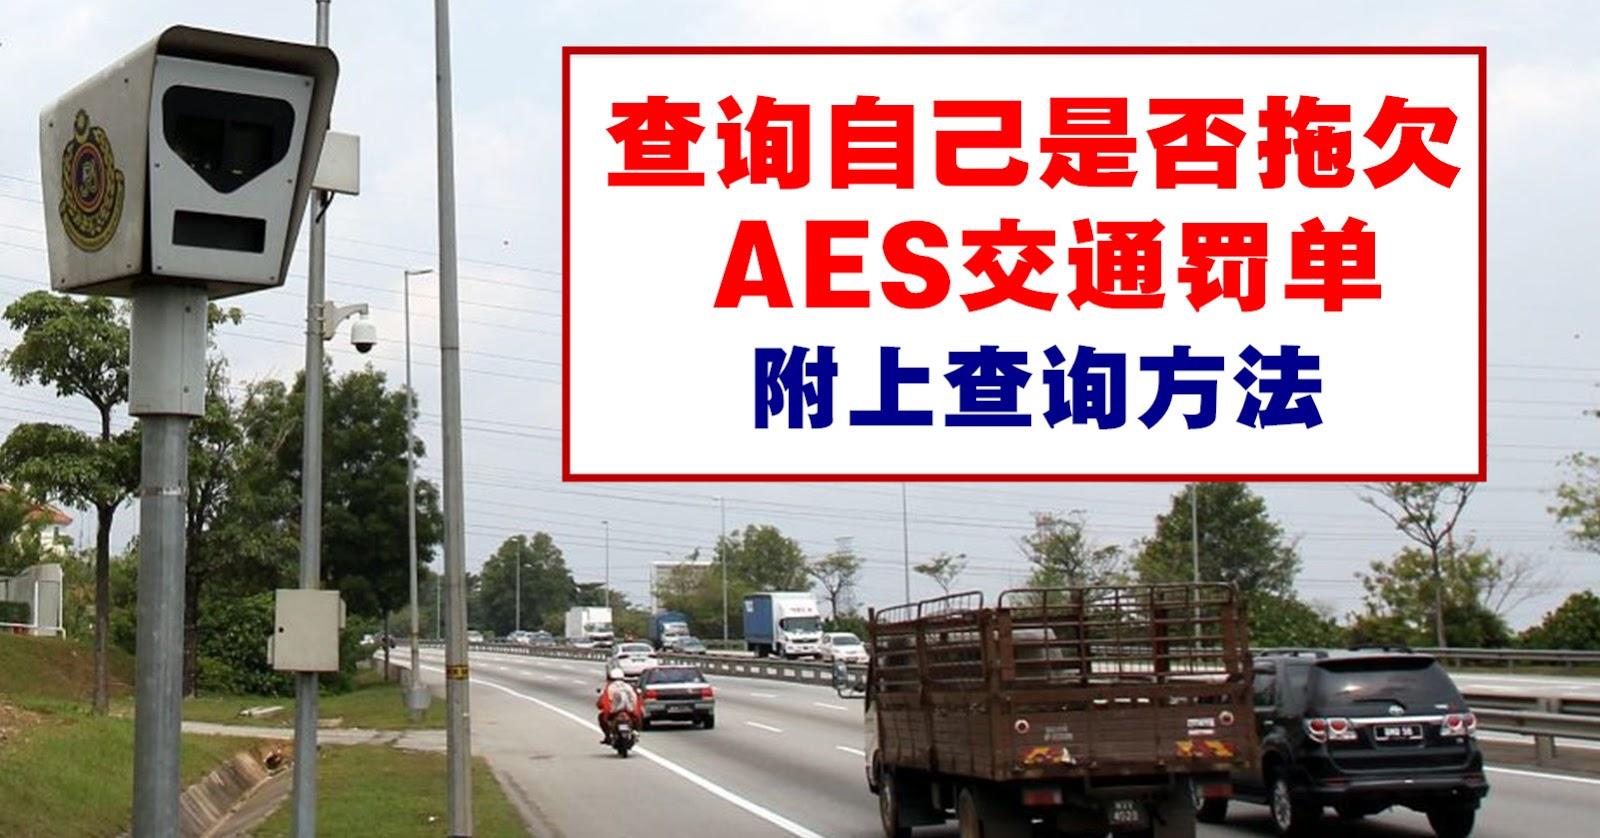 查询自己是否拖欠AES交通罚单,附上查询方法